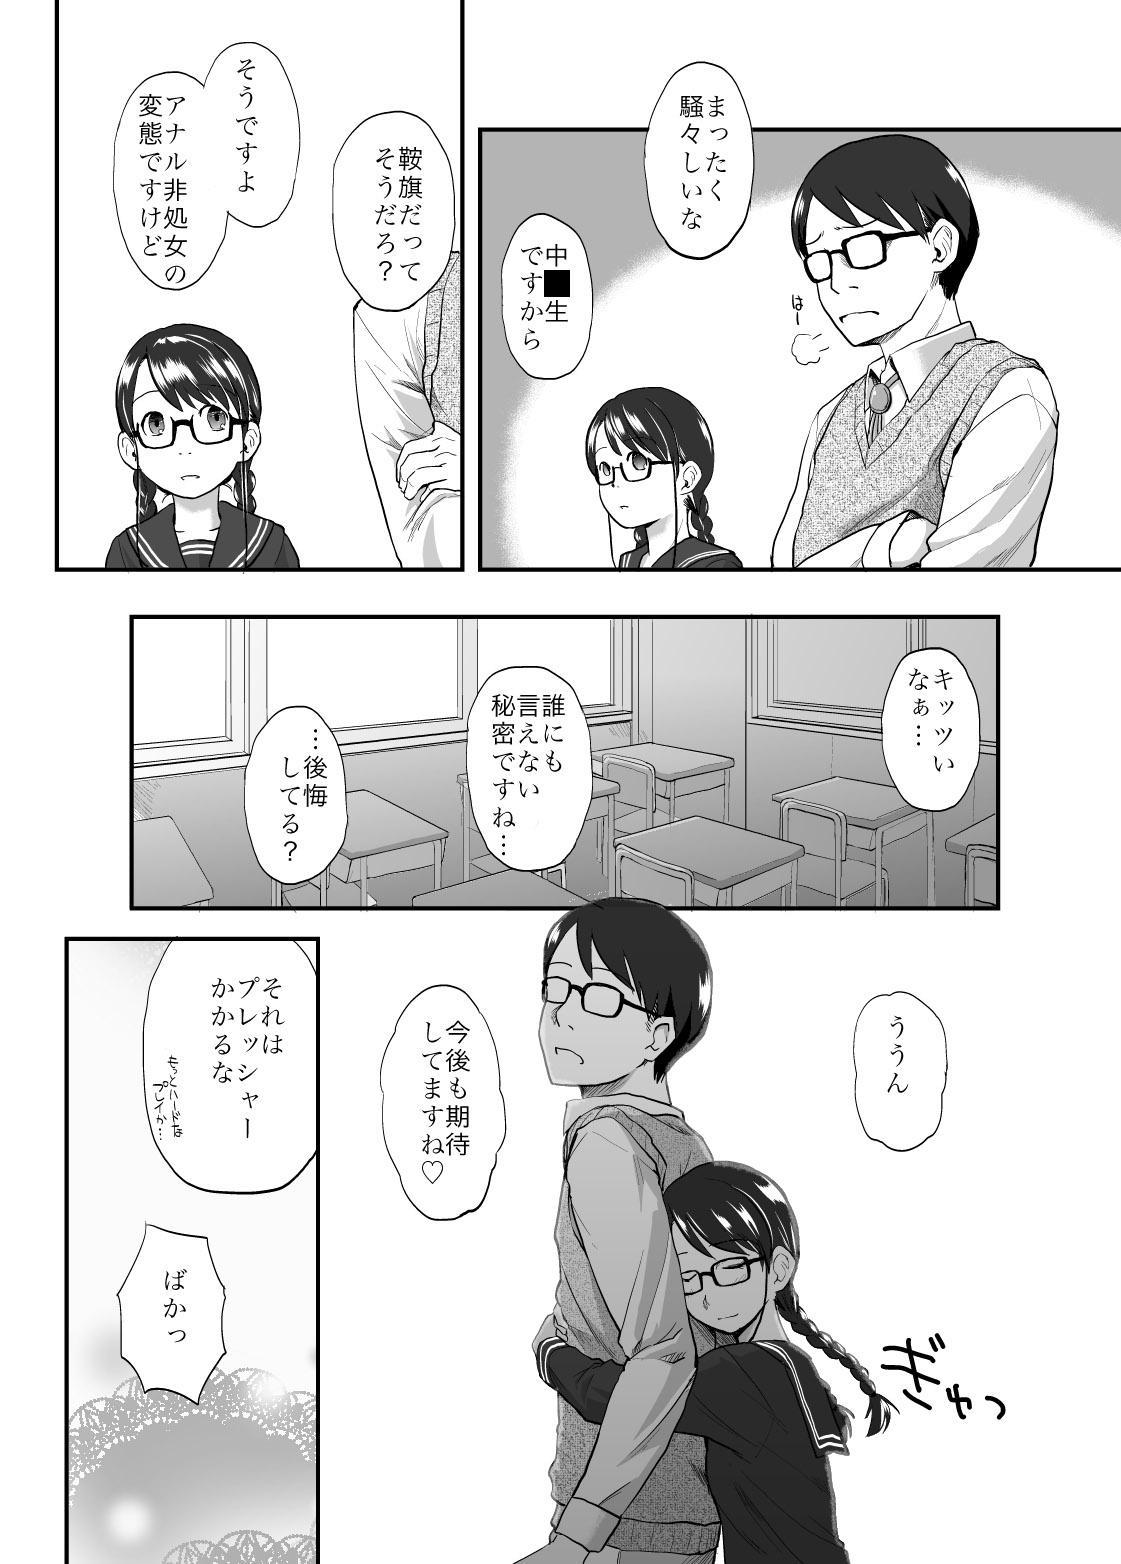 Shougyou Keisai Saku 'FOOLS' First Story 13